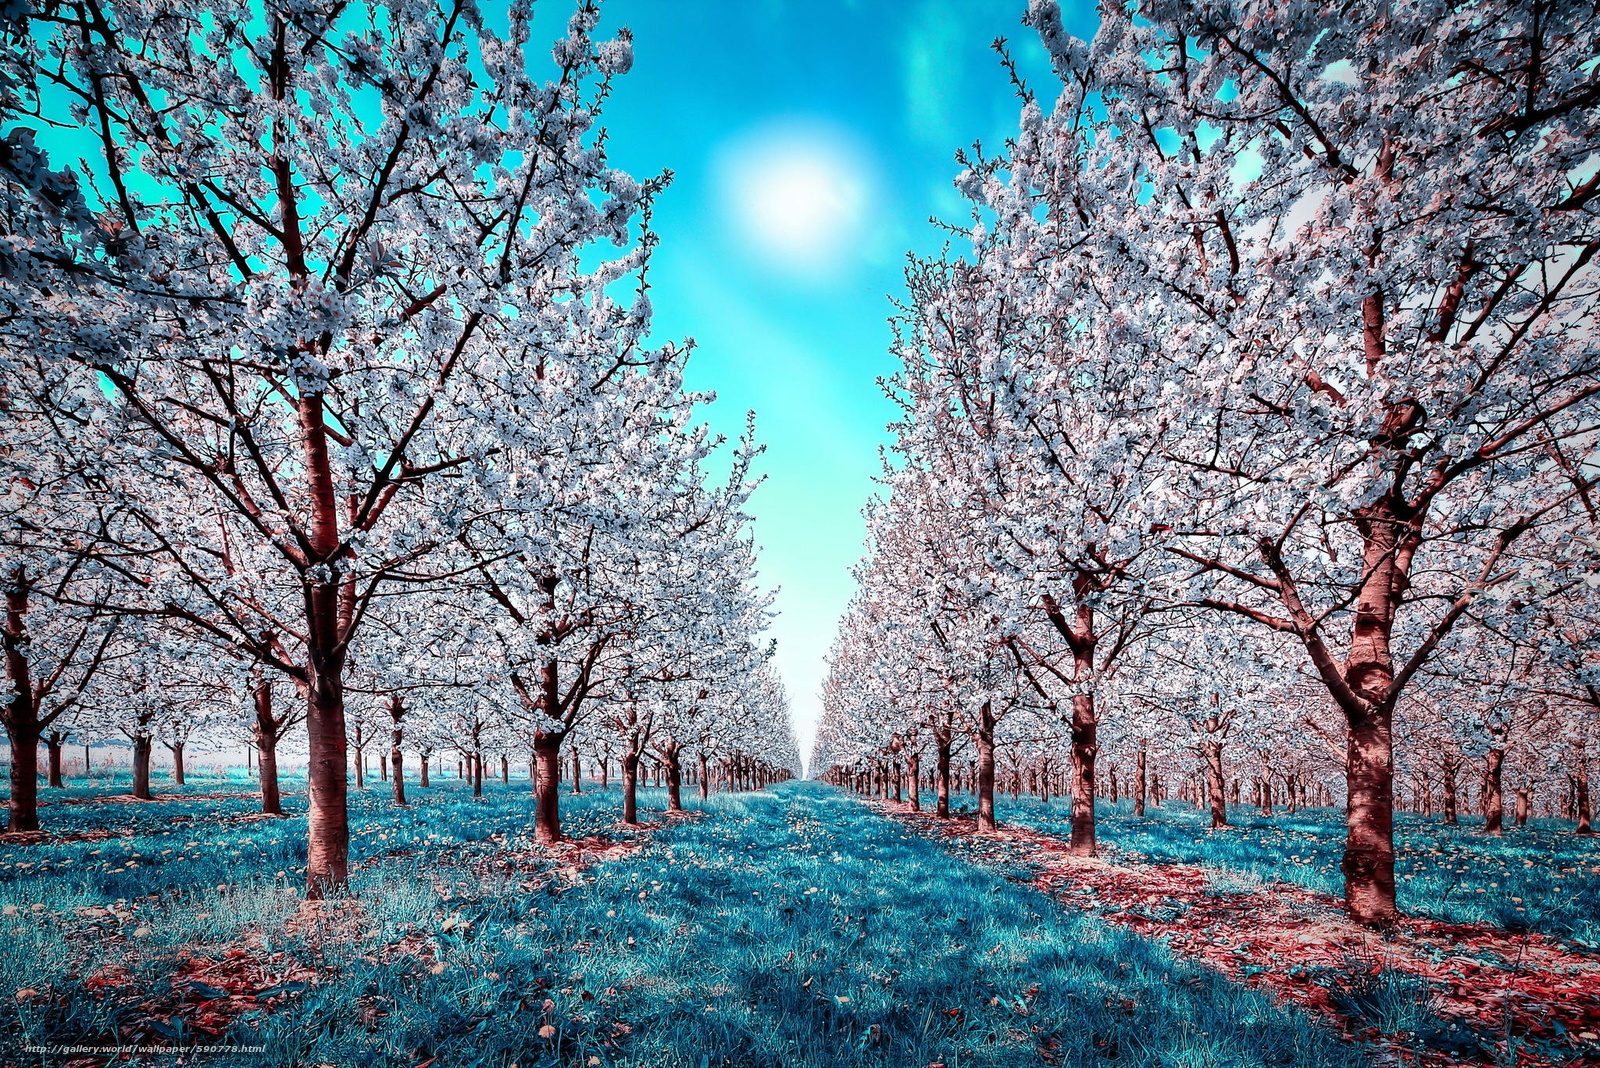 Scaricare gli sfondi natura primavera fiori fioritura for Sfondi desktop gratis primavera